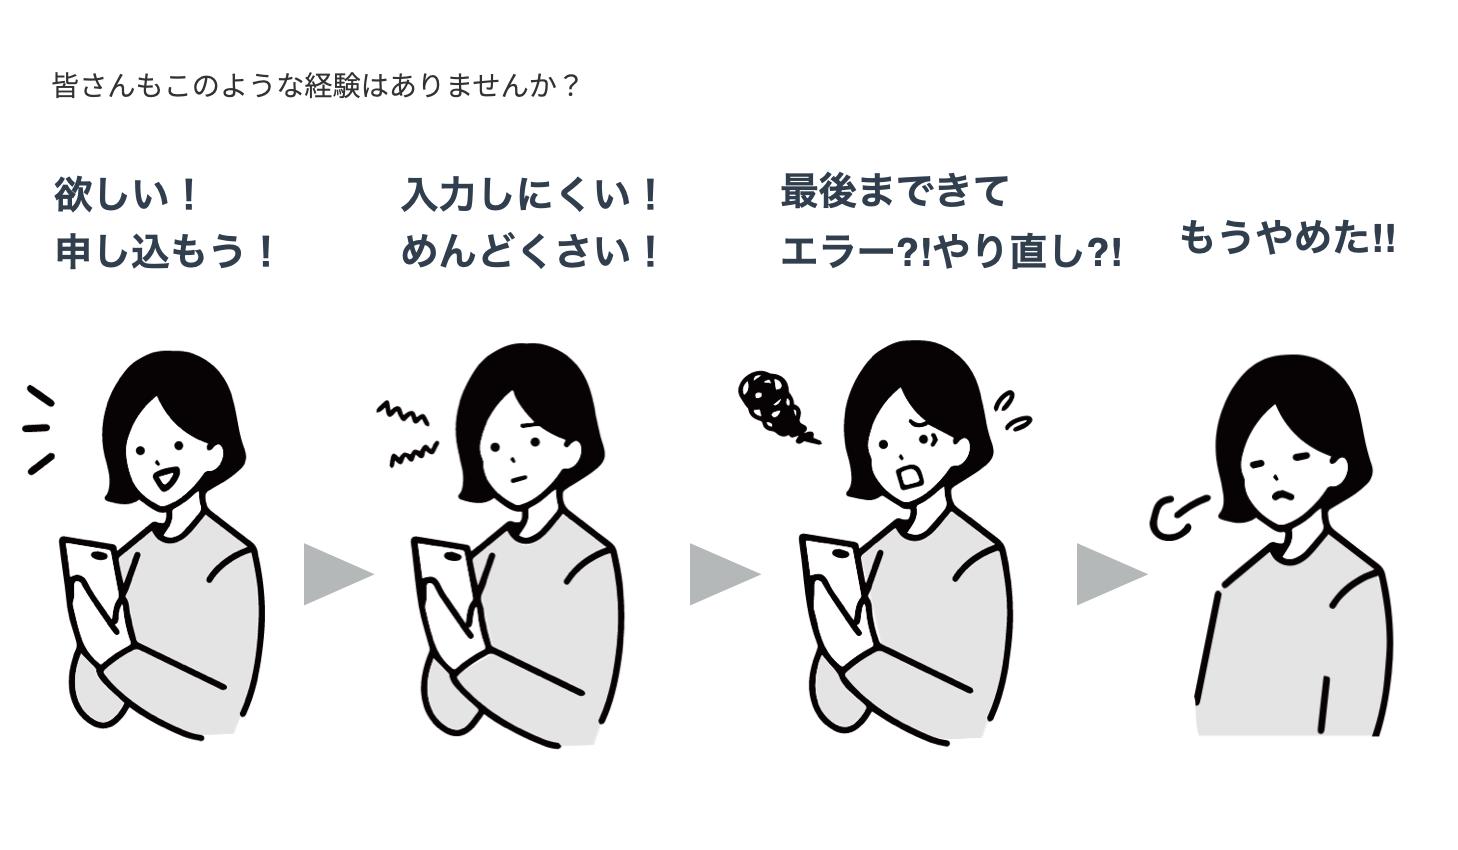 ユーザー心理